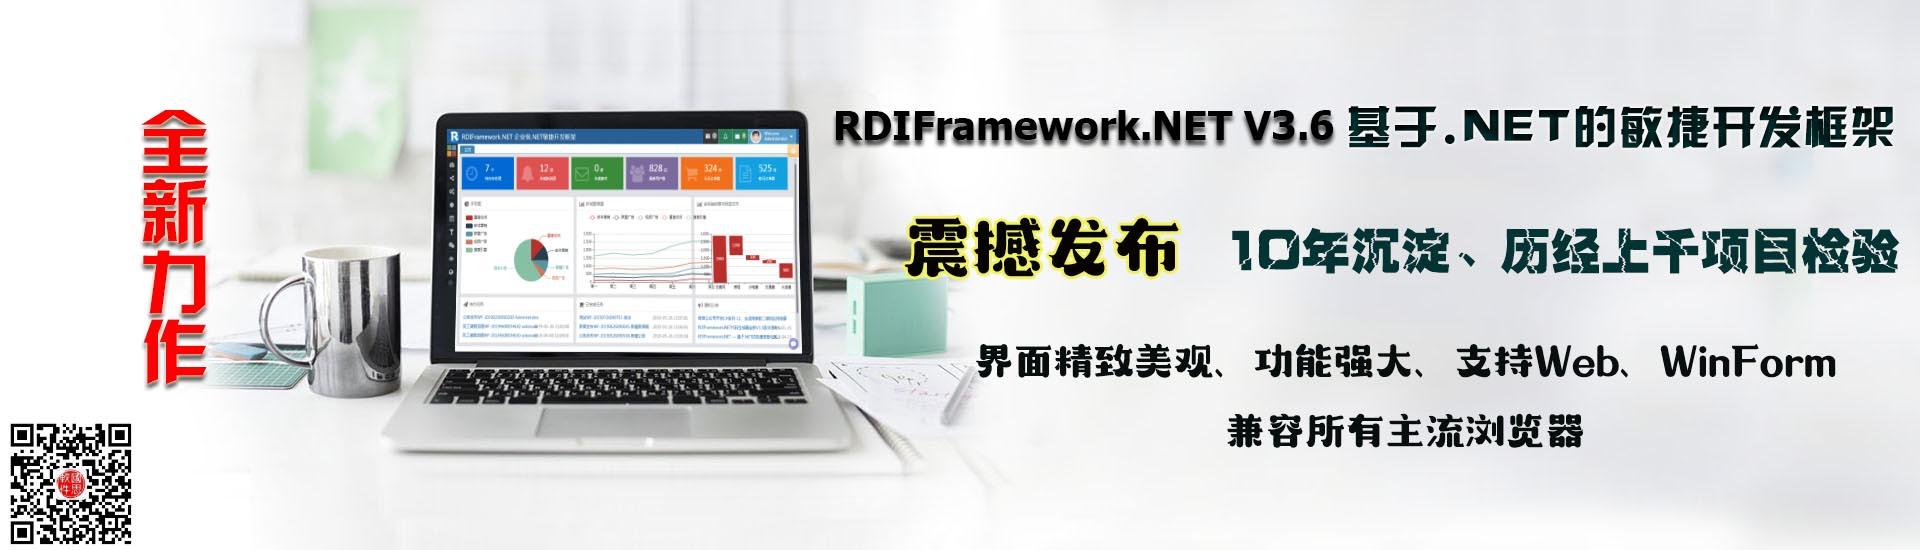 最好用的.NET敏捷开发框架-RDIFramework.NET V3.6版全新发布 100%源码授权